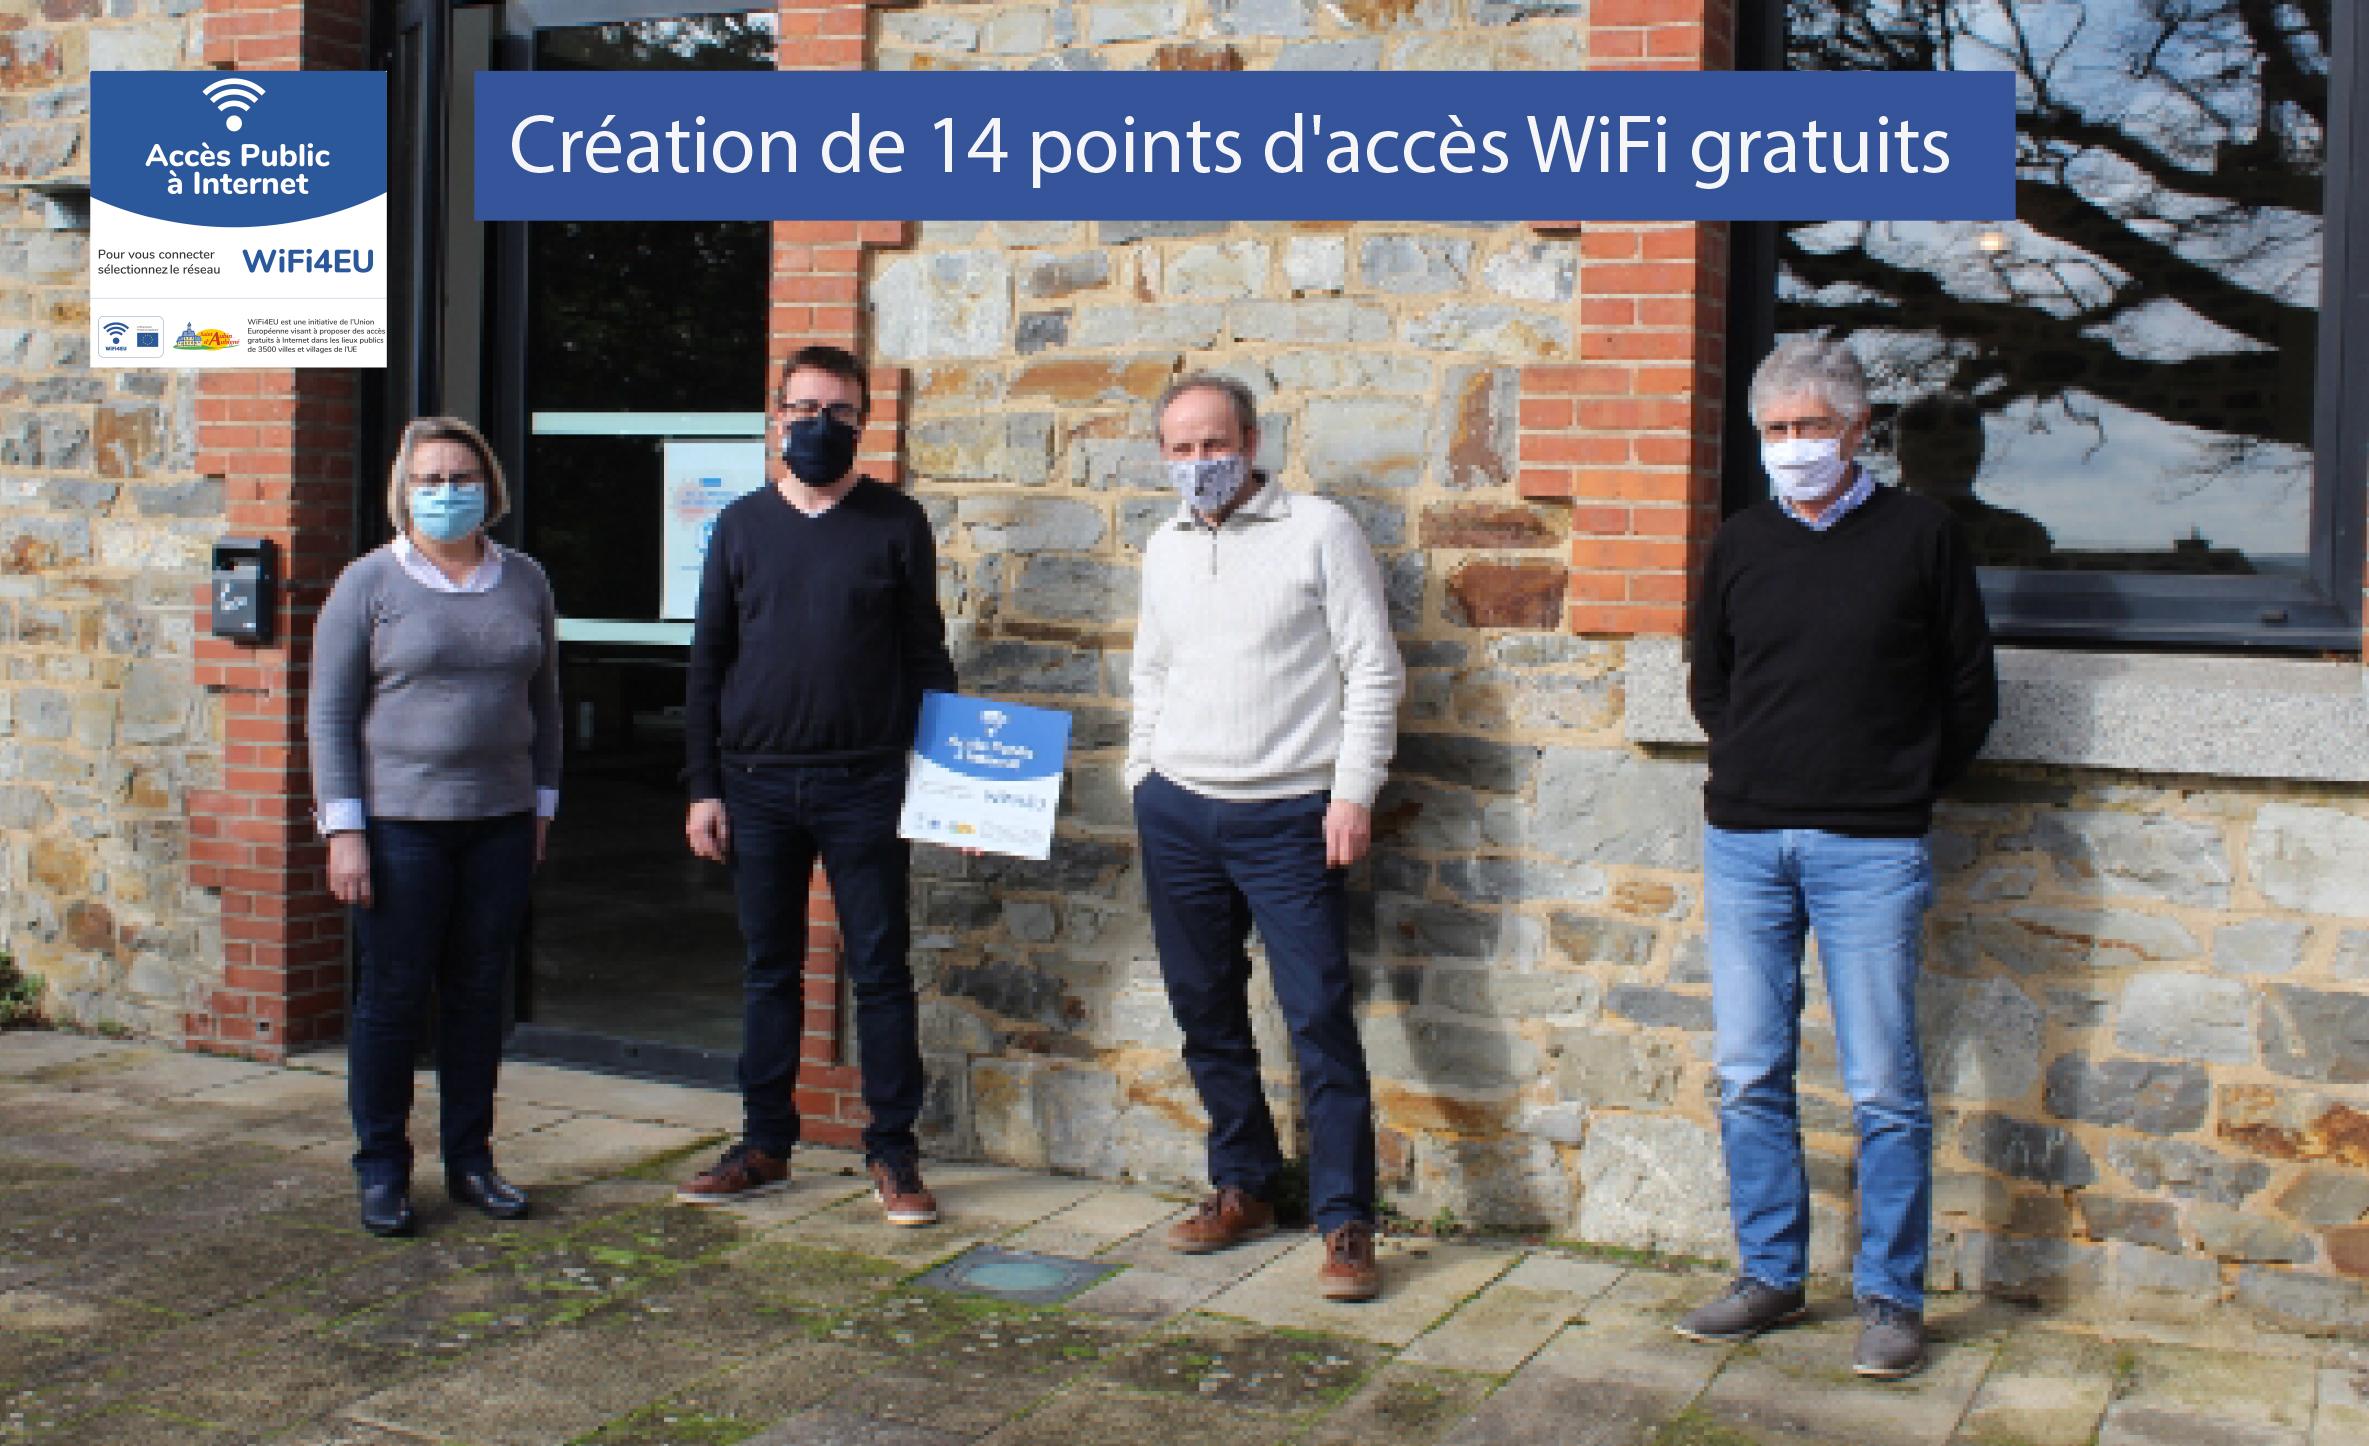 WiFi4EU : Création de 14 points d'accès WiFi gratuits